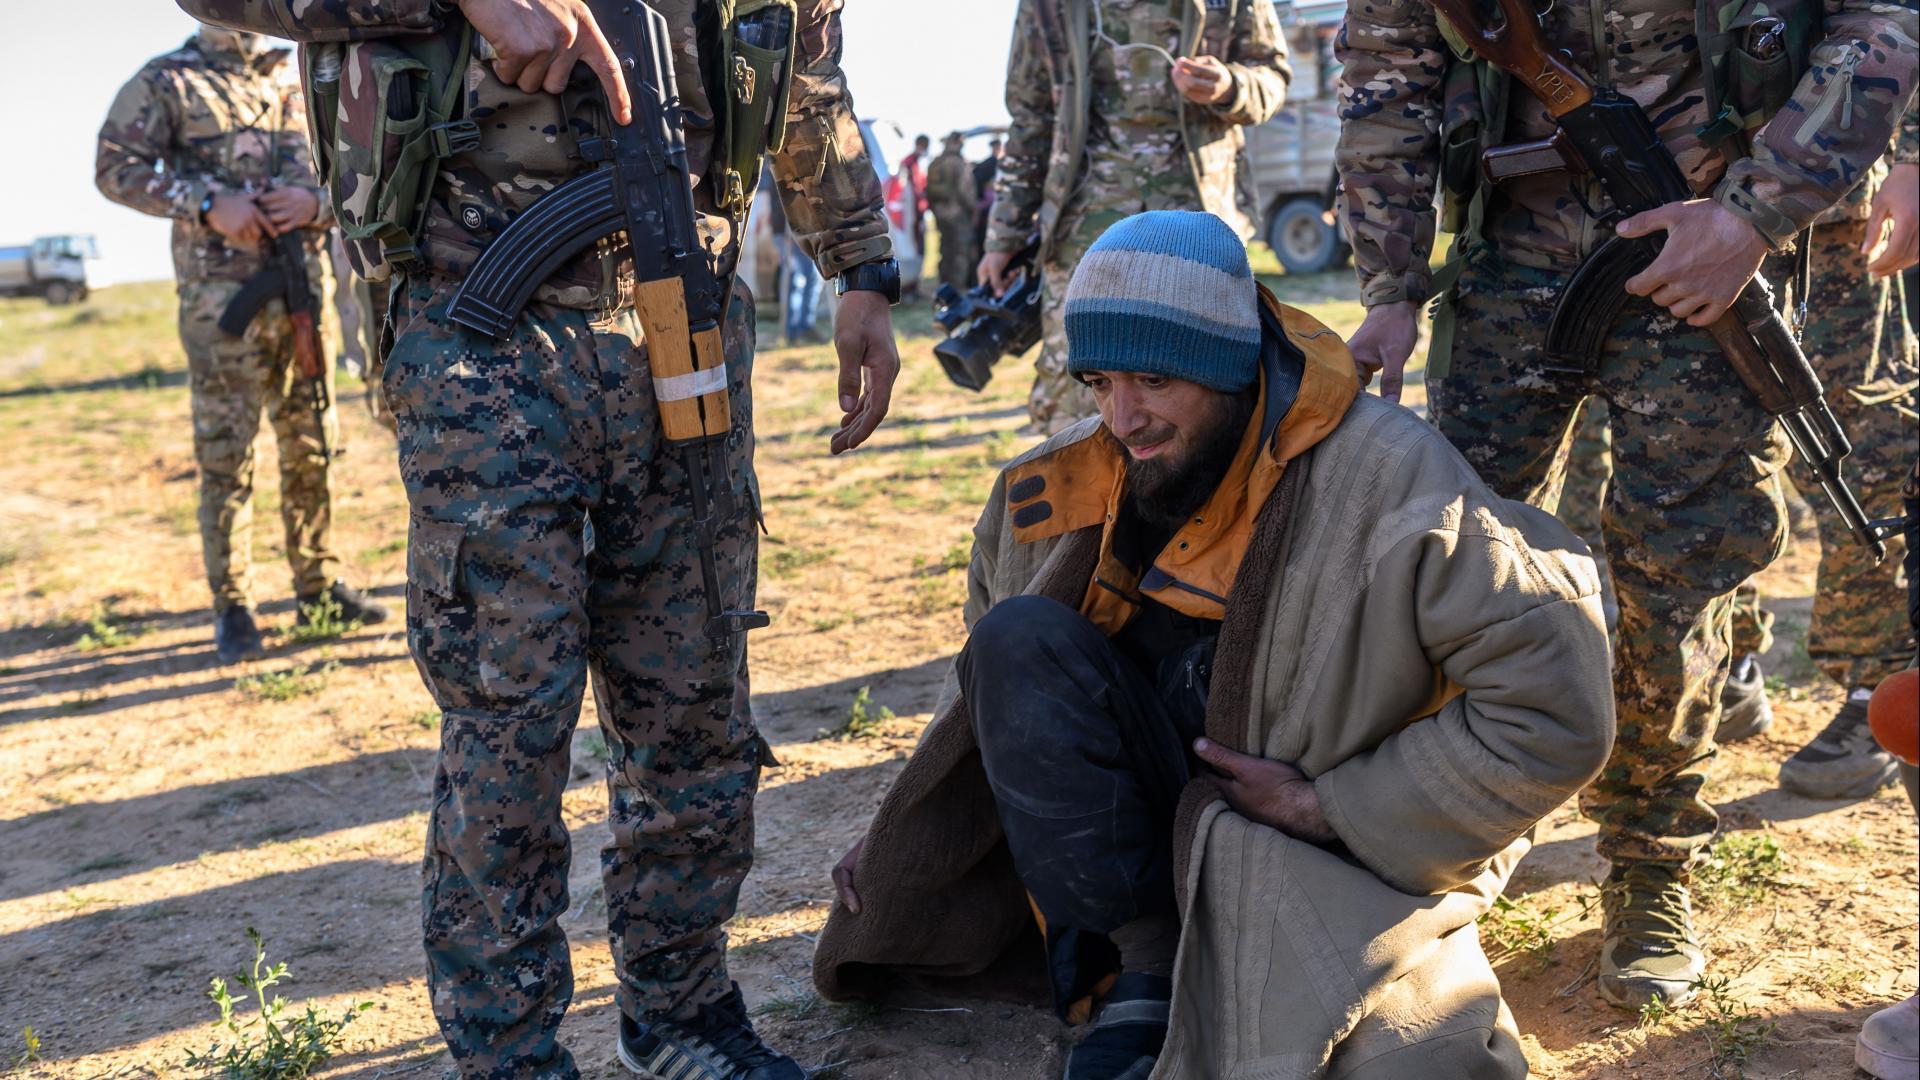 """مصدر يكشف لـCNN عدد وجنسيات مقاتلي """"داعش"""" المحتجزين لدى """"قوات سوريا الديمقراطية"""""""